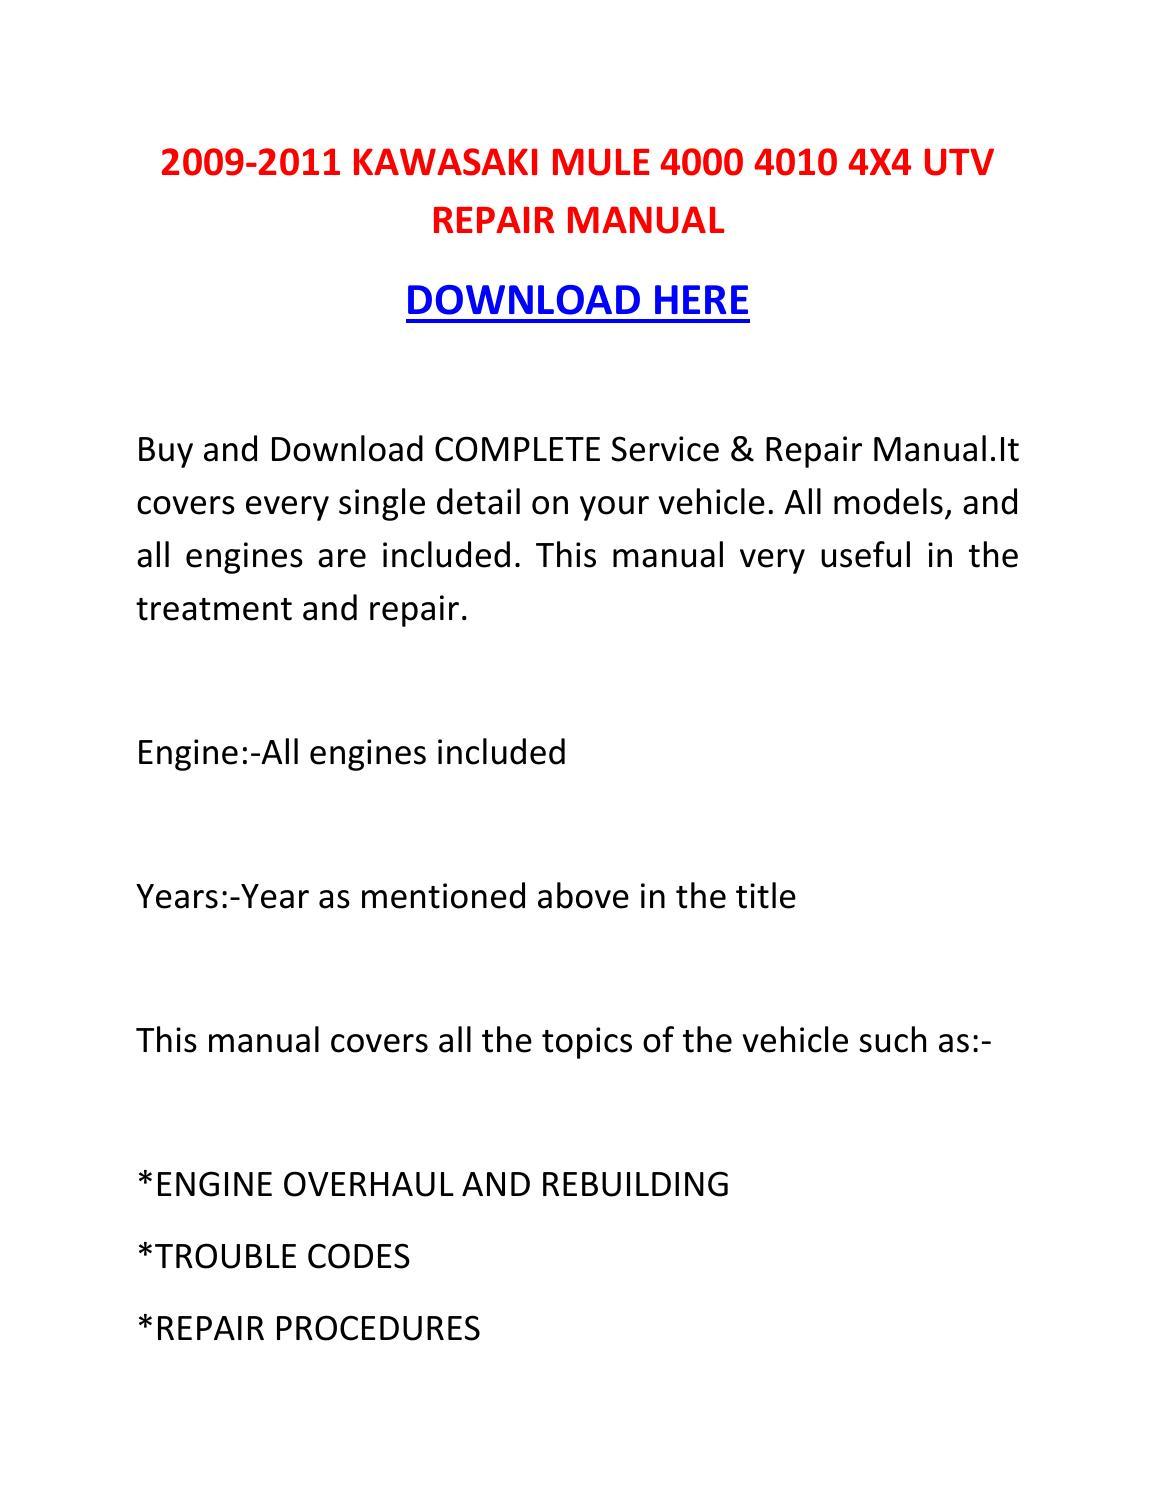 2009 2011 Kawasaki Mule 4000 4010 4x4 Utv Repair Manual By